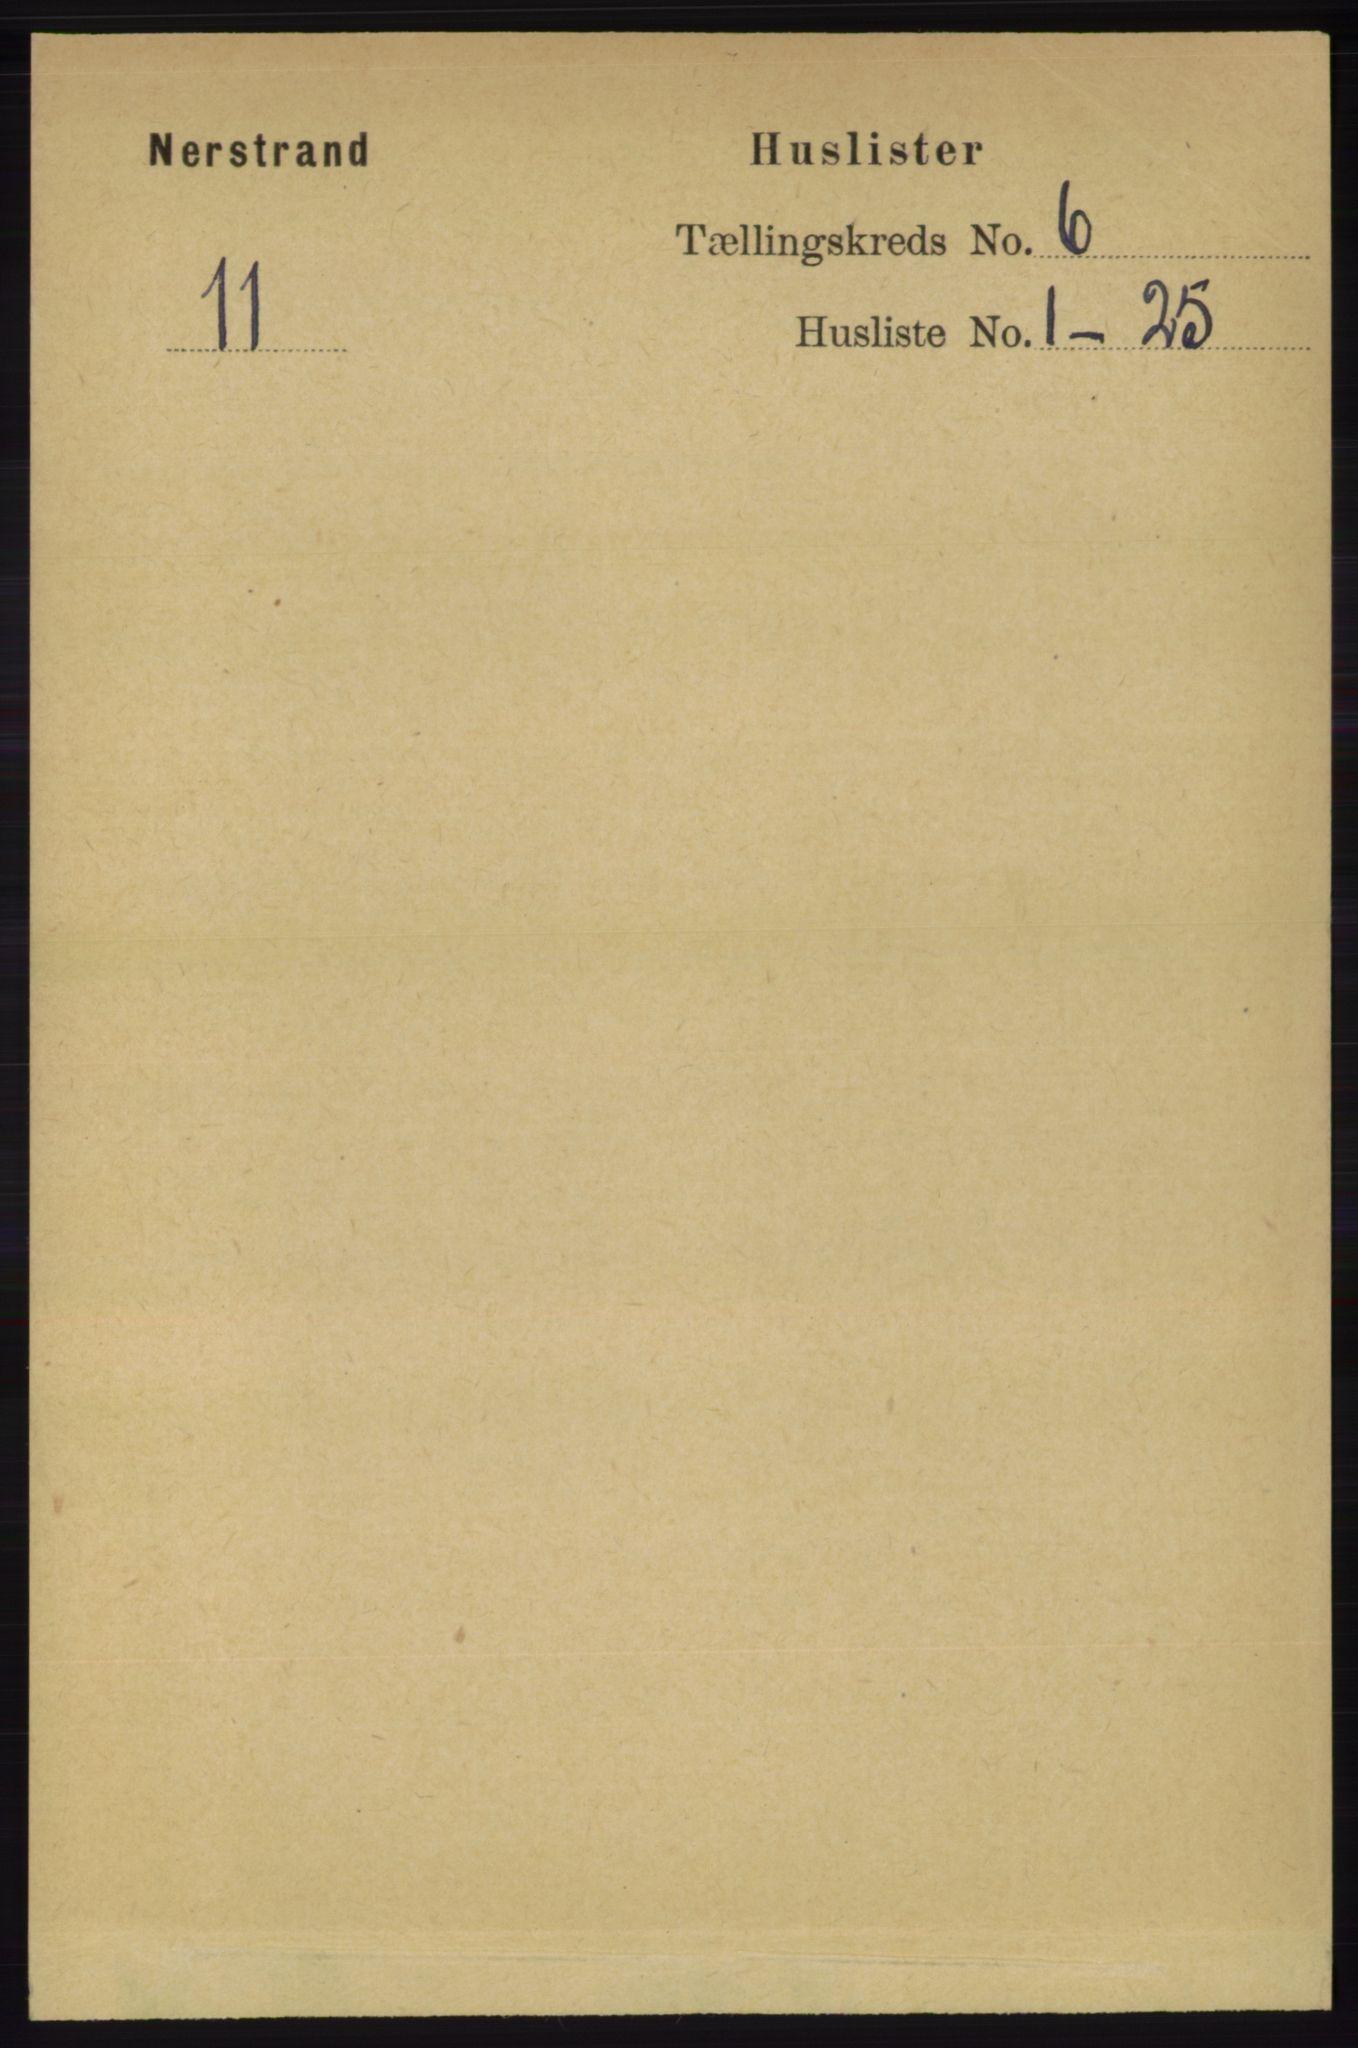 RA, Folketelling 1891 for 1139 Nedstrand herred, 1891, s. 997